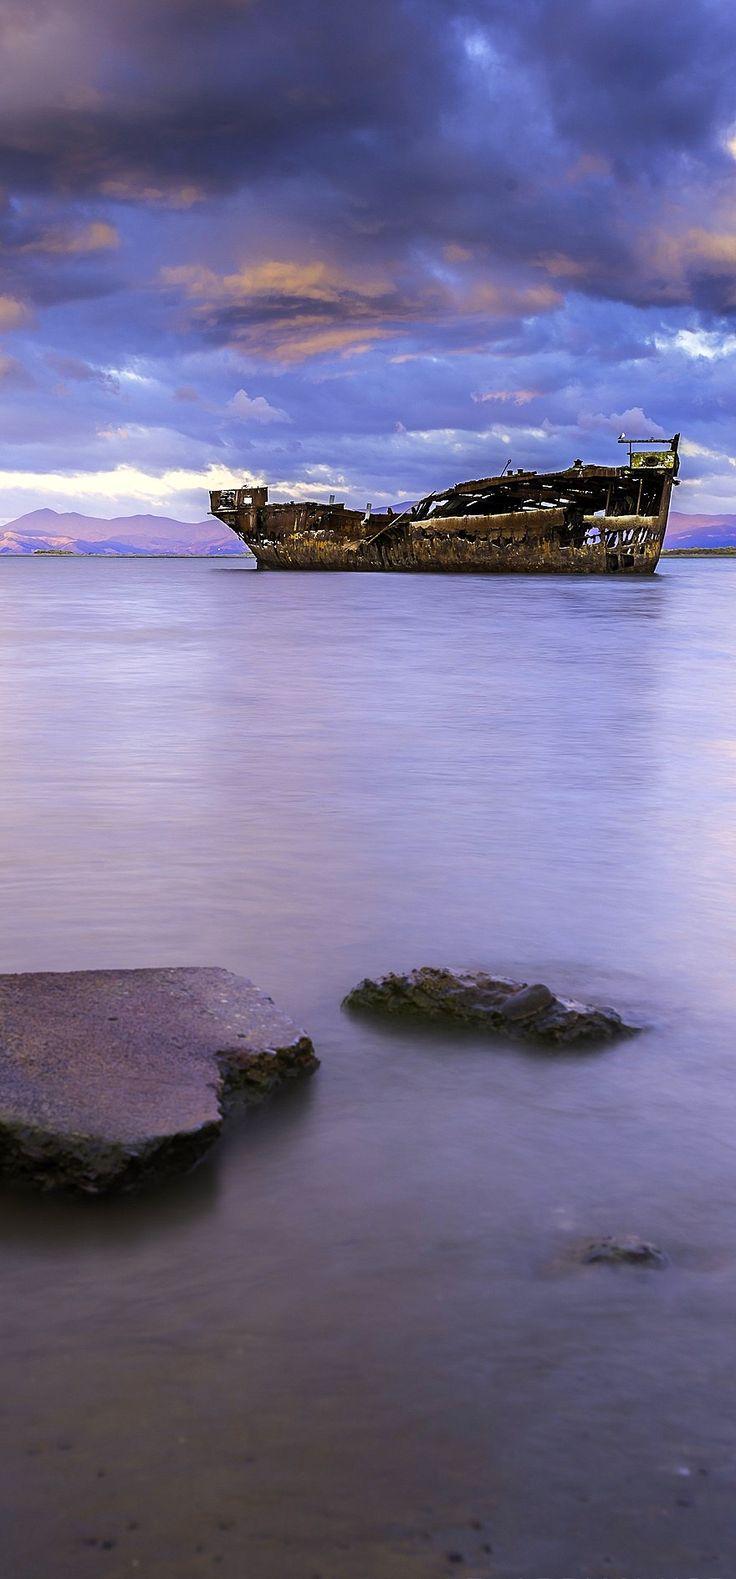 Shipwreck located at Motueka, Beach Nelson, New Zealand